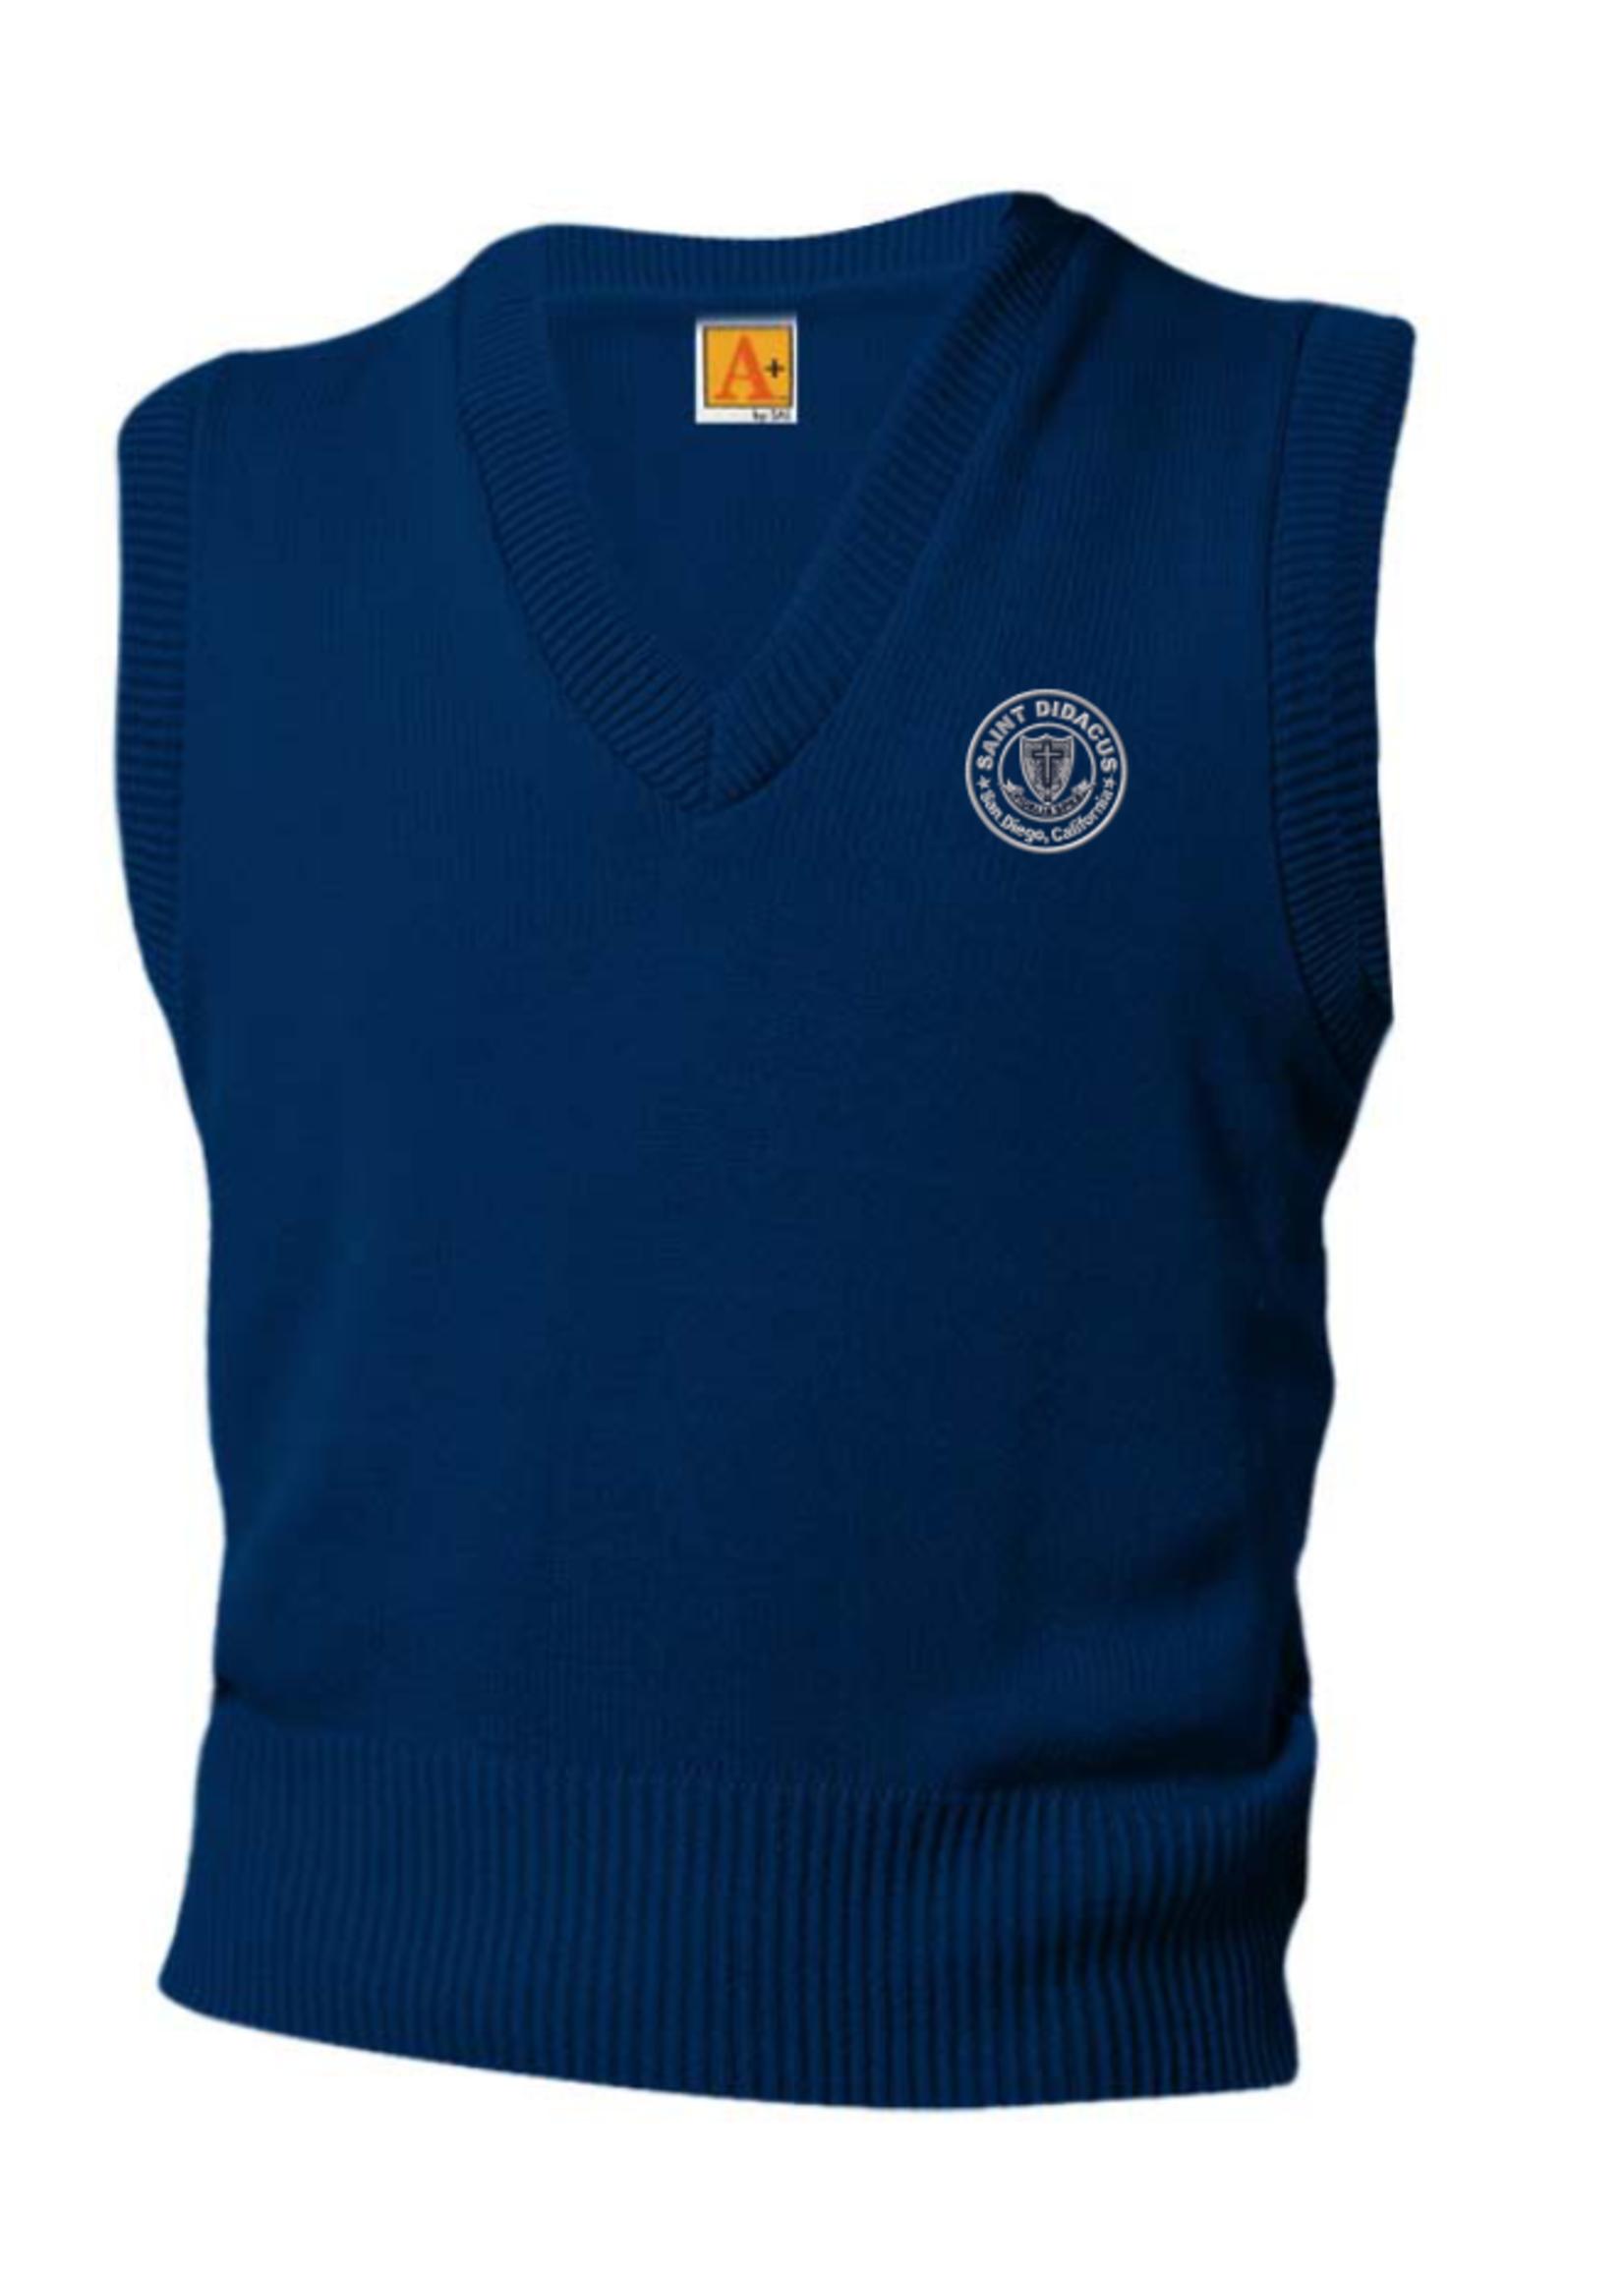 TUS SDPS Navy V-neck sweater vest 7-8